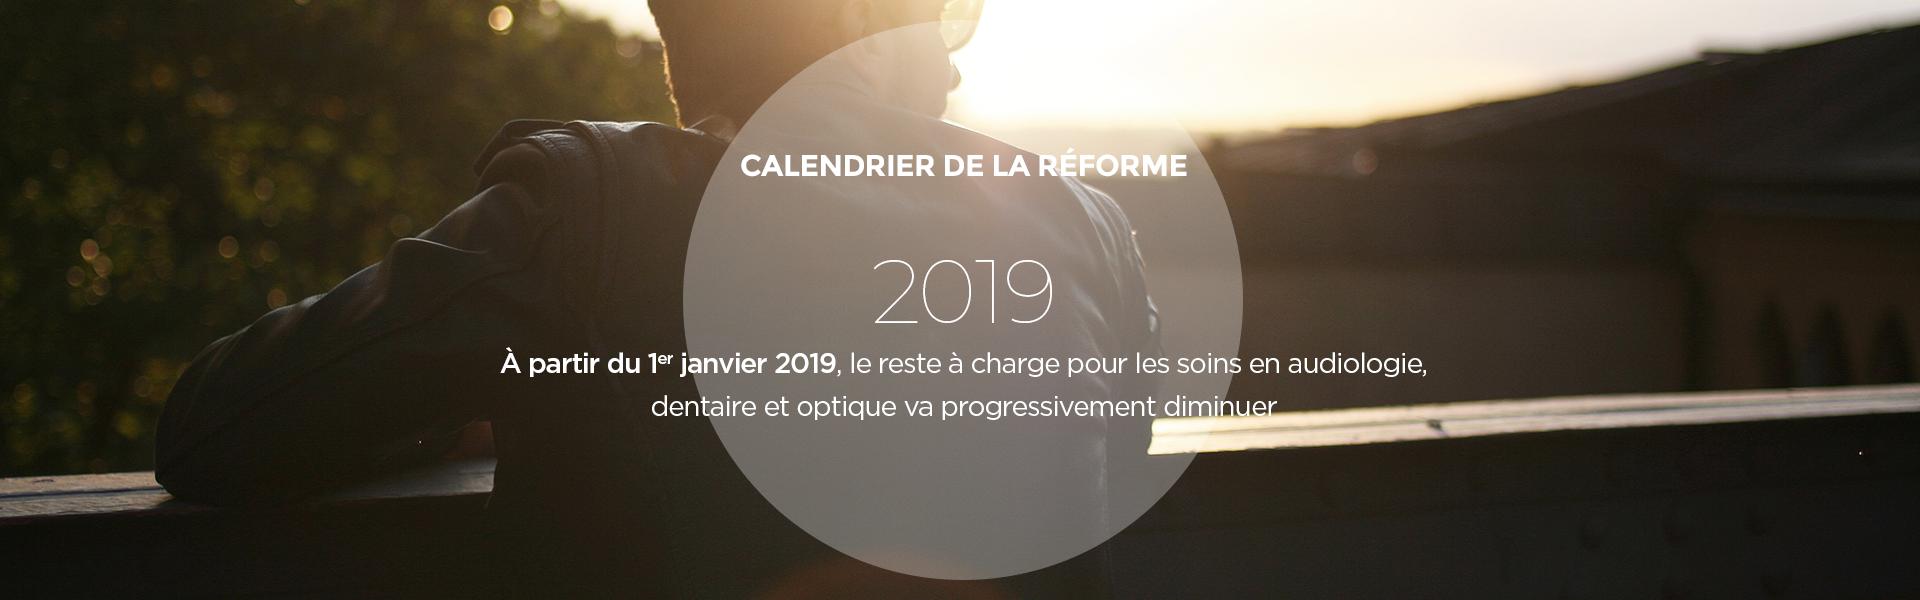 bannière 2019